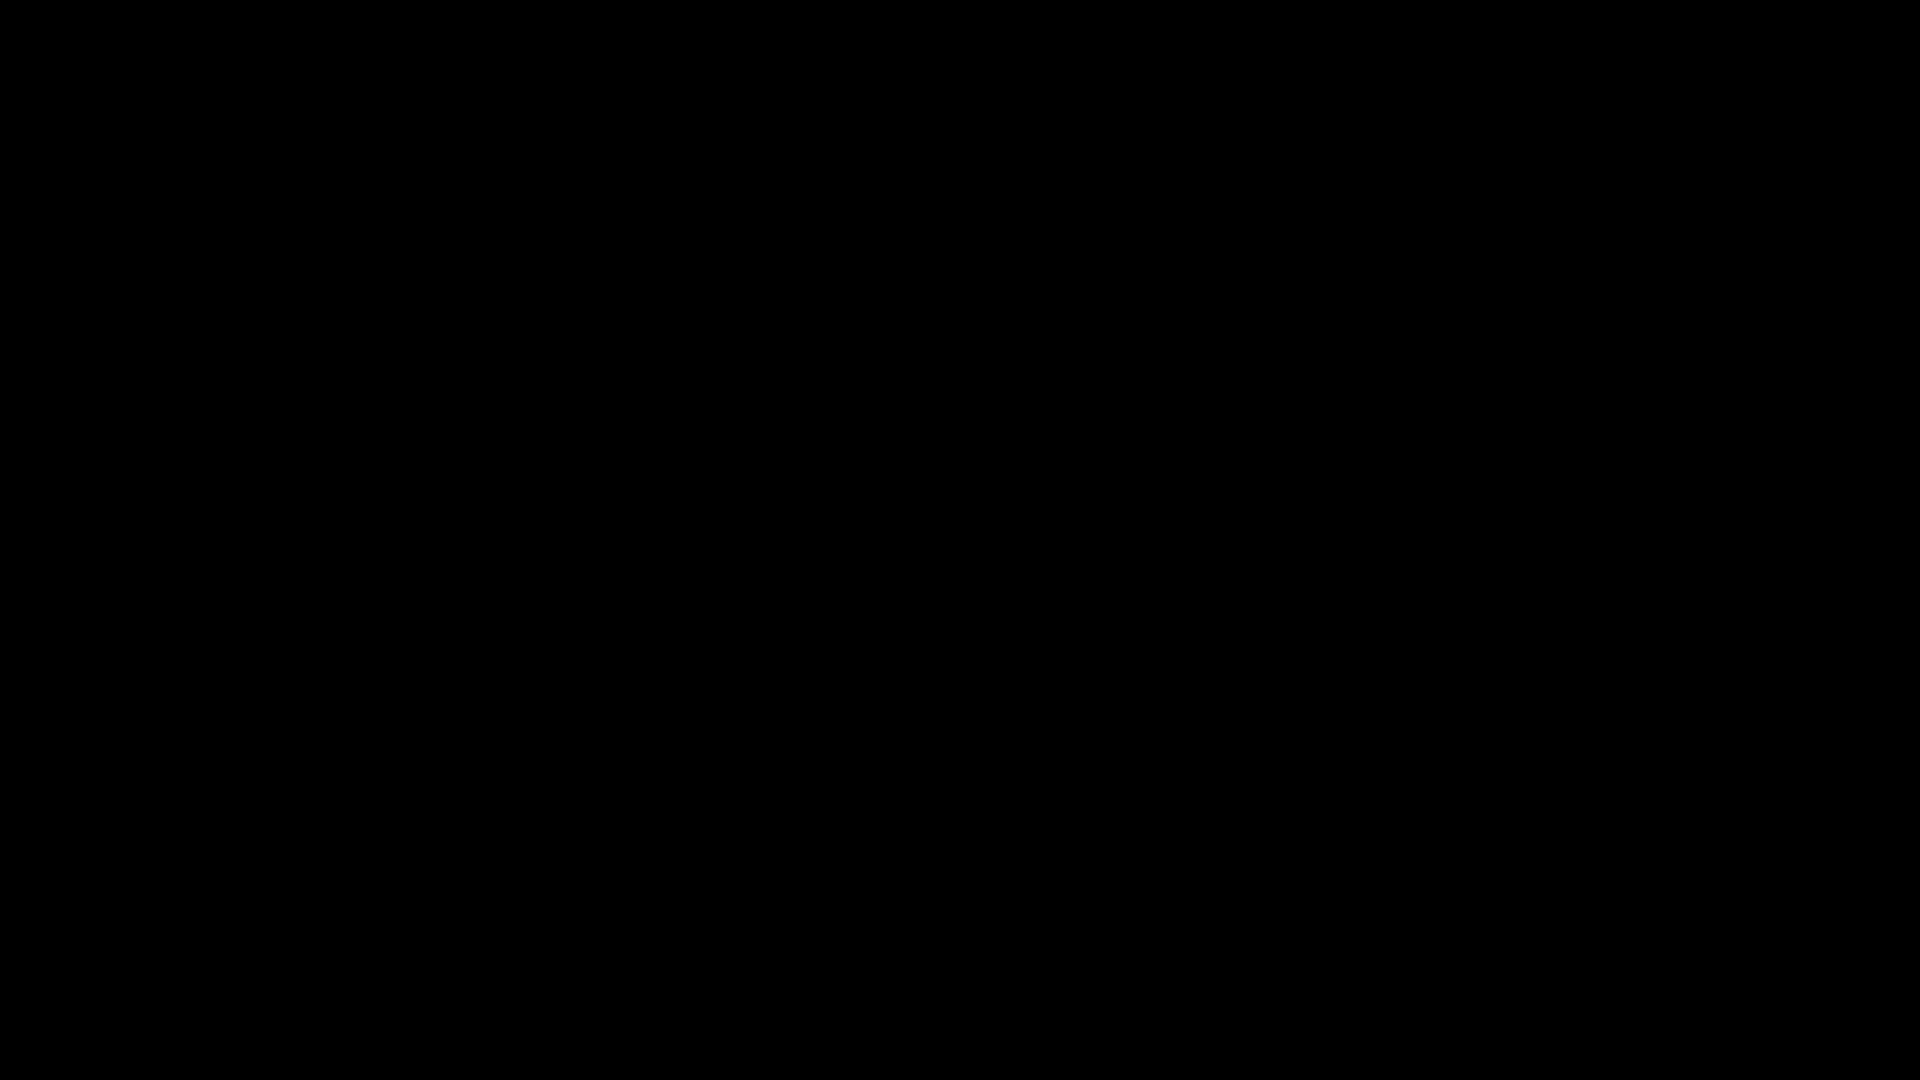 2 년 보증 디지털 5050 주소 지정 rgb led LC8823 플렉스 led 스트립 빛 FPWM 27KHZ